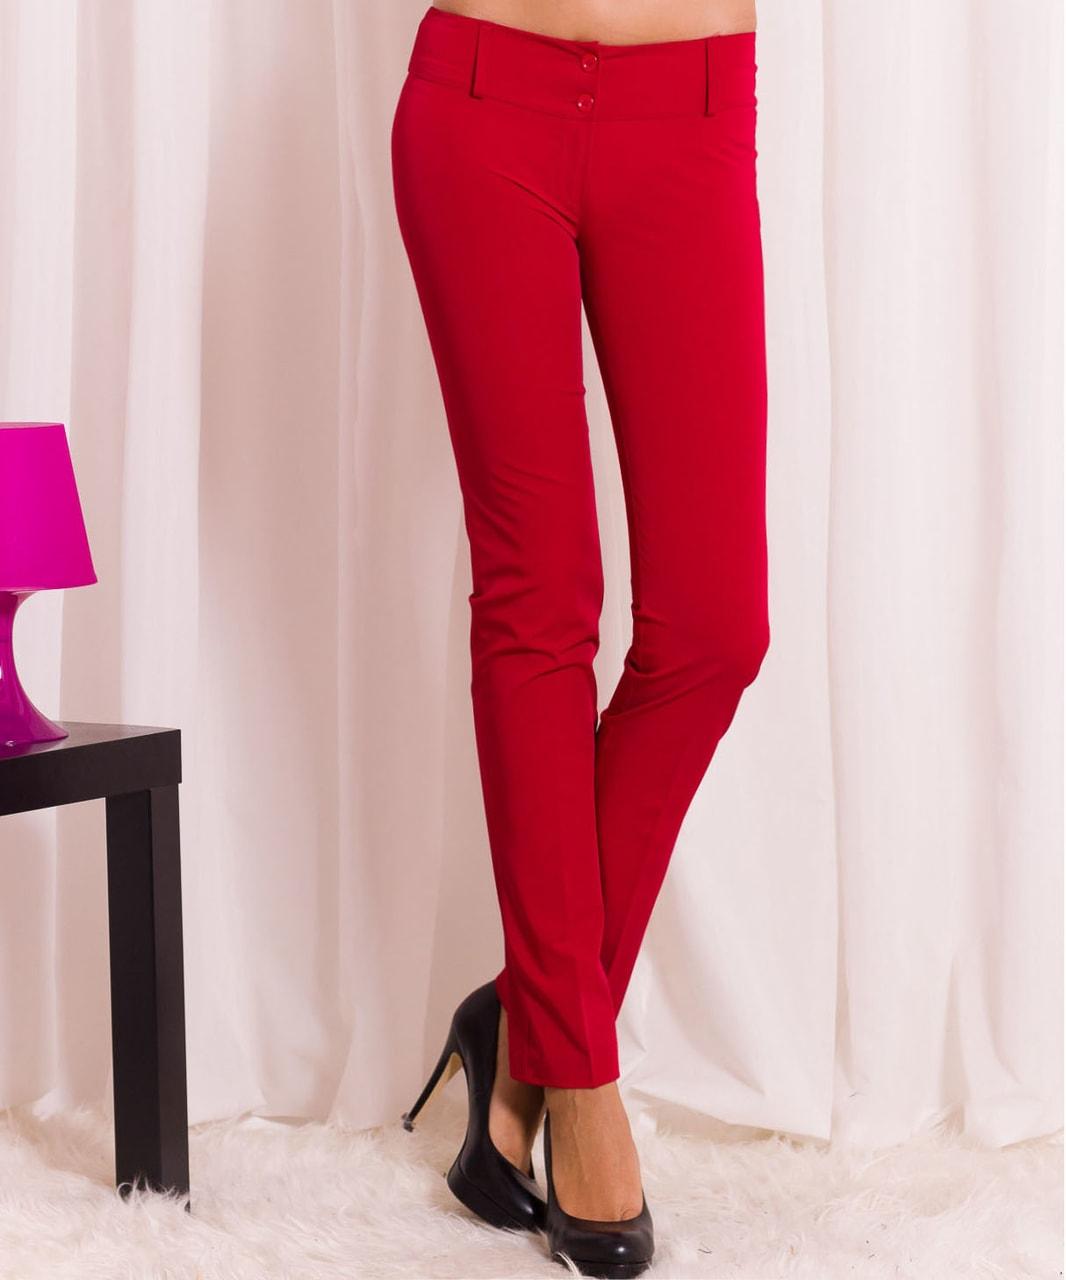 6aca0fe228d Dámské společenské kalhoty - červené - Kalhoty - Dámské oblečení ...